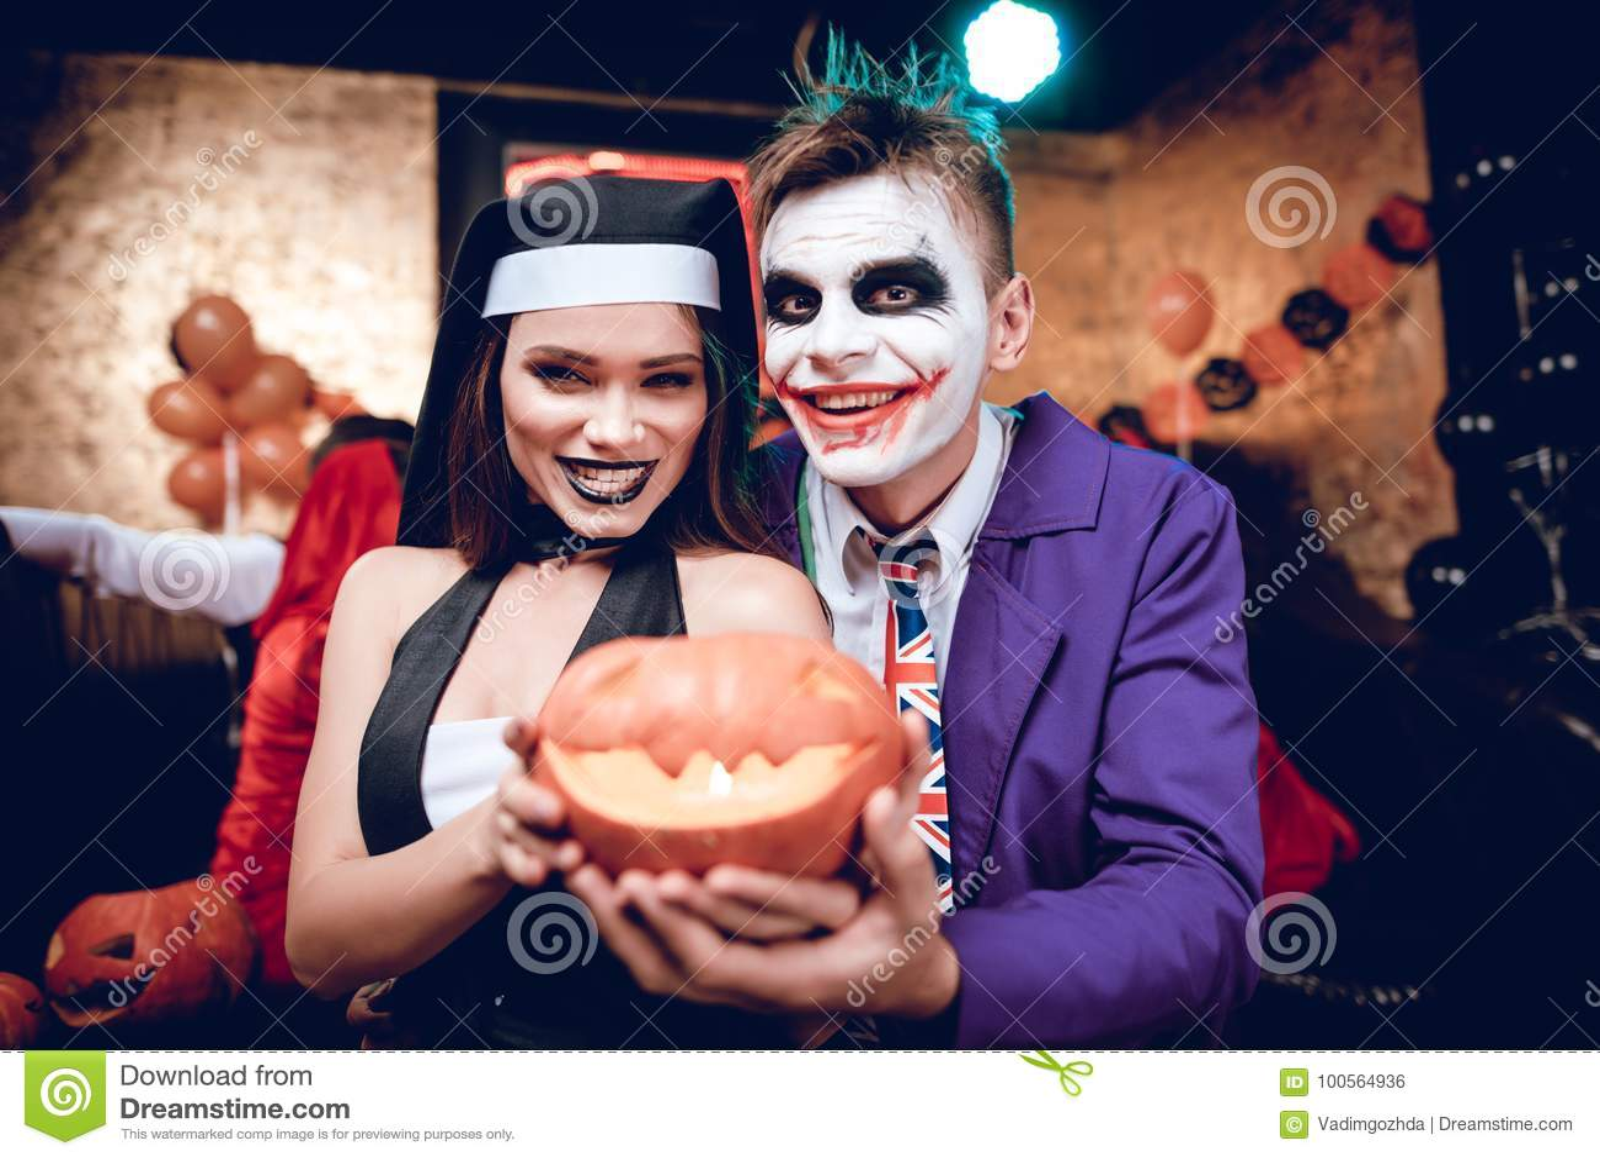 万圣节当事人 说笑话者服装的一个人和尼姑的一个女孩打扮摆在与南瓜灯